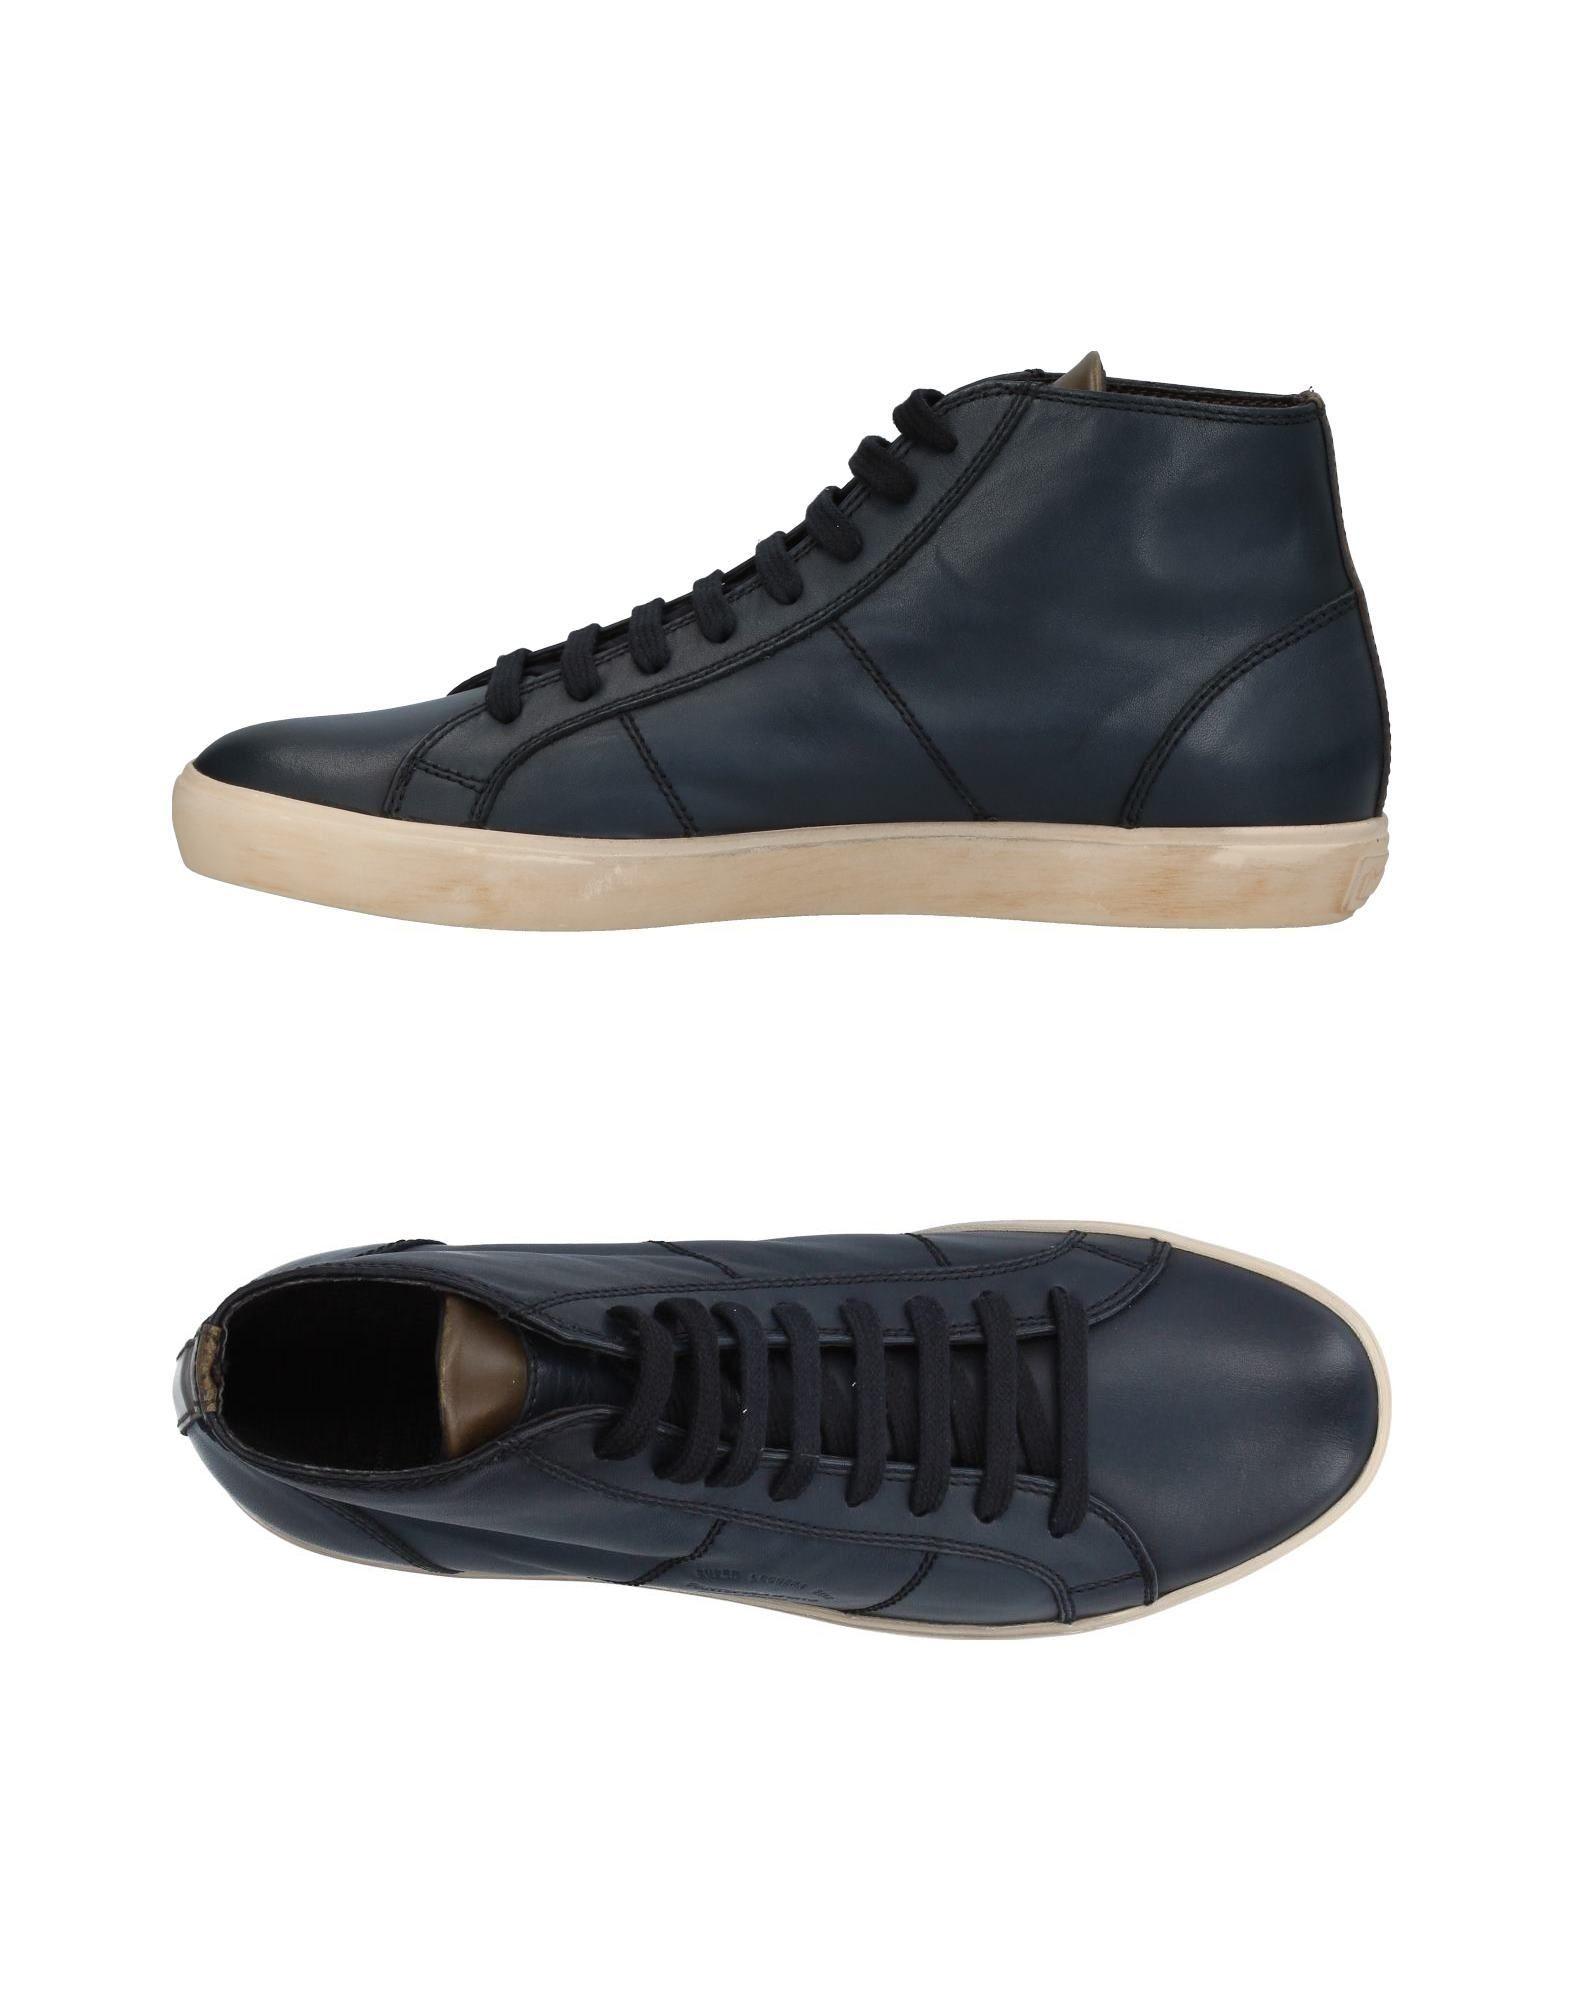 pantofola d pantofola & # ; oro - tennis - hommes pantofola d d & # ; oro baskets en ligne le royaume - uni - tp d4dc10